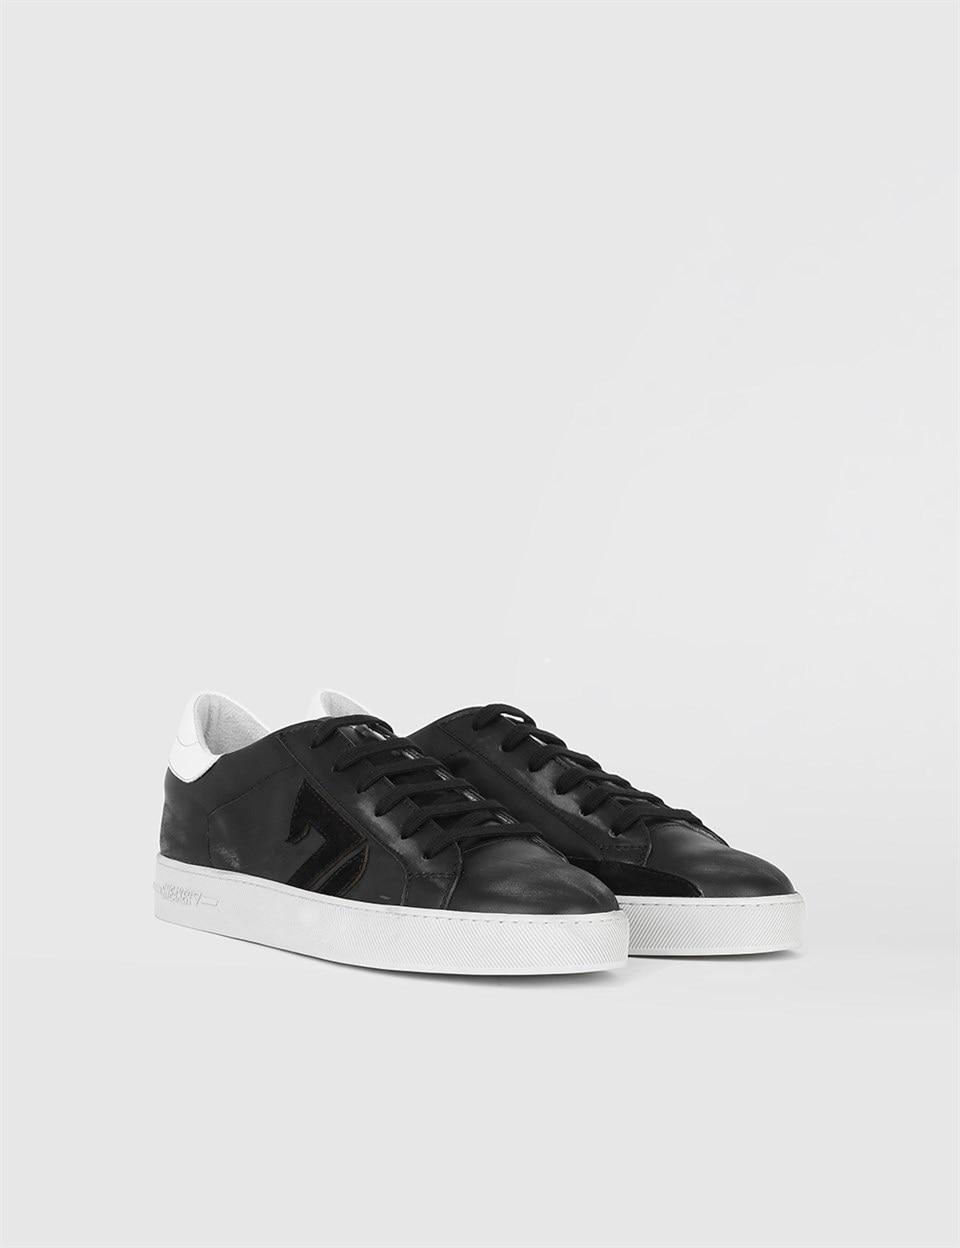 ILVi-جلد طبيعي اليدوية بيوس الأسود نابا جلد الرجال حذاء رياضة حذاء رجالي 2021 الربيع/الصيف